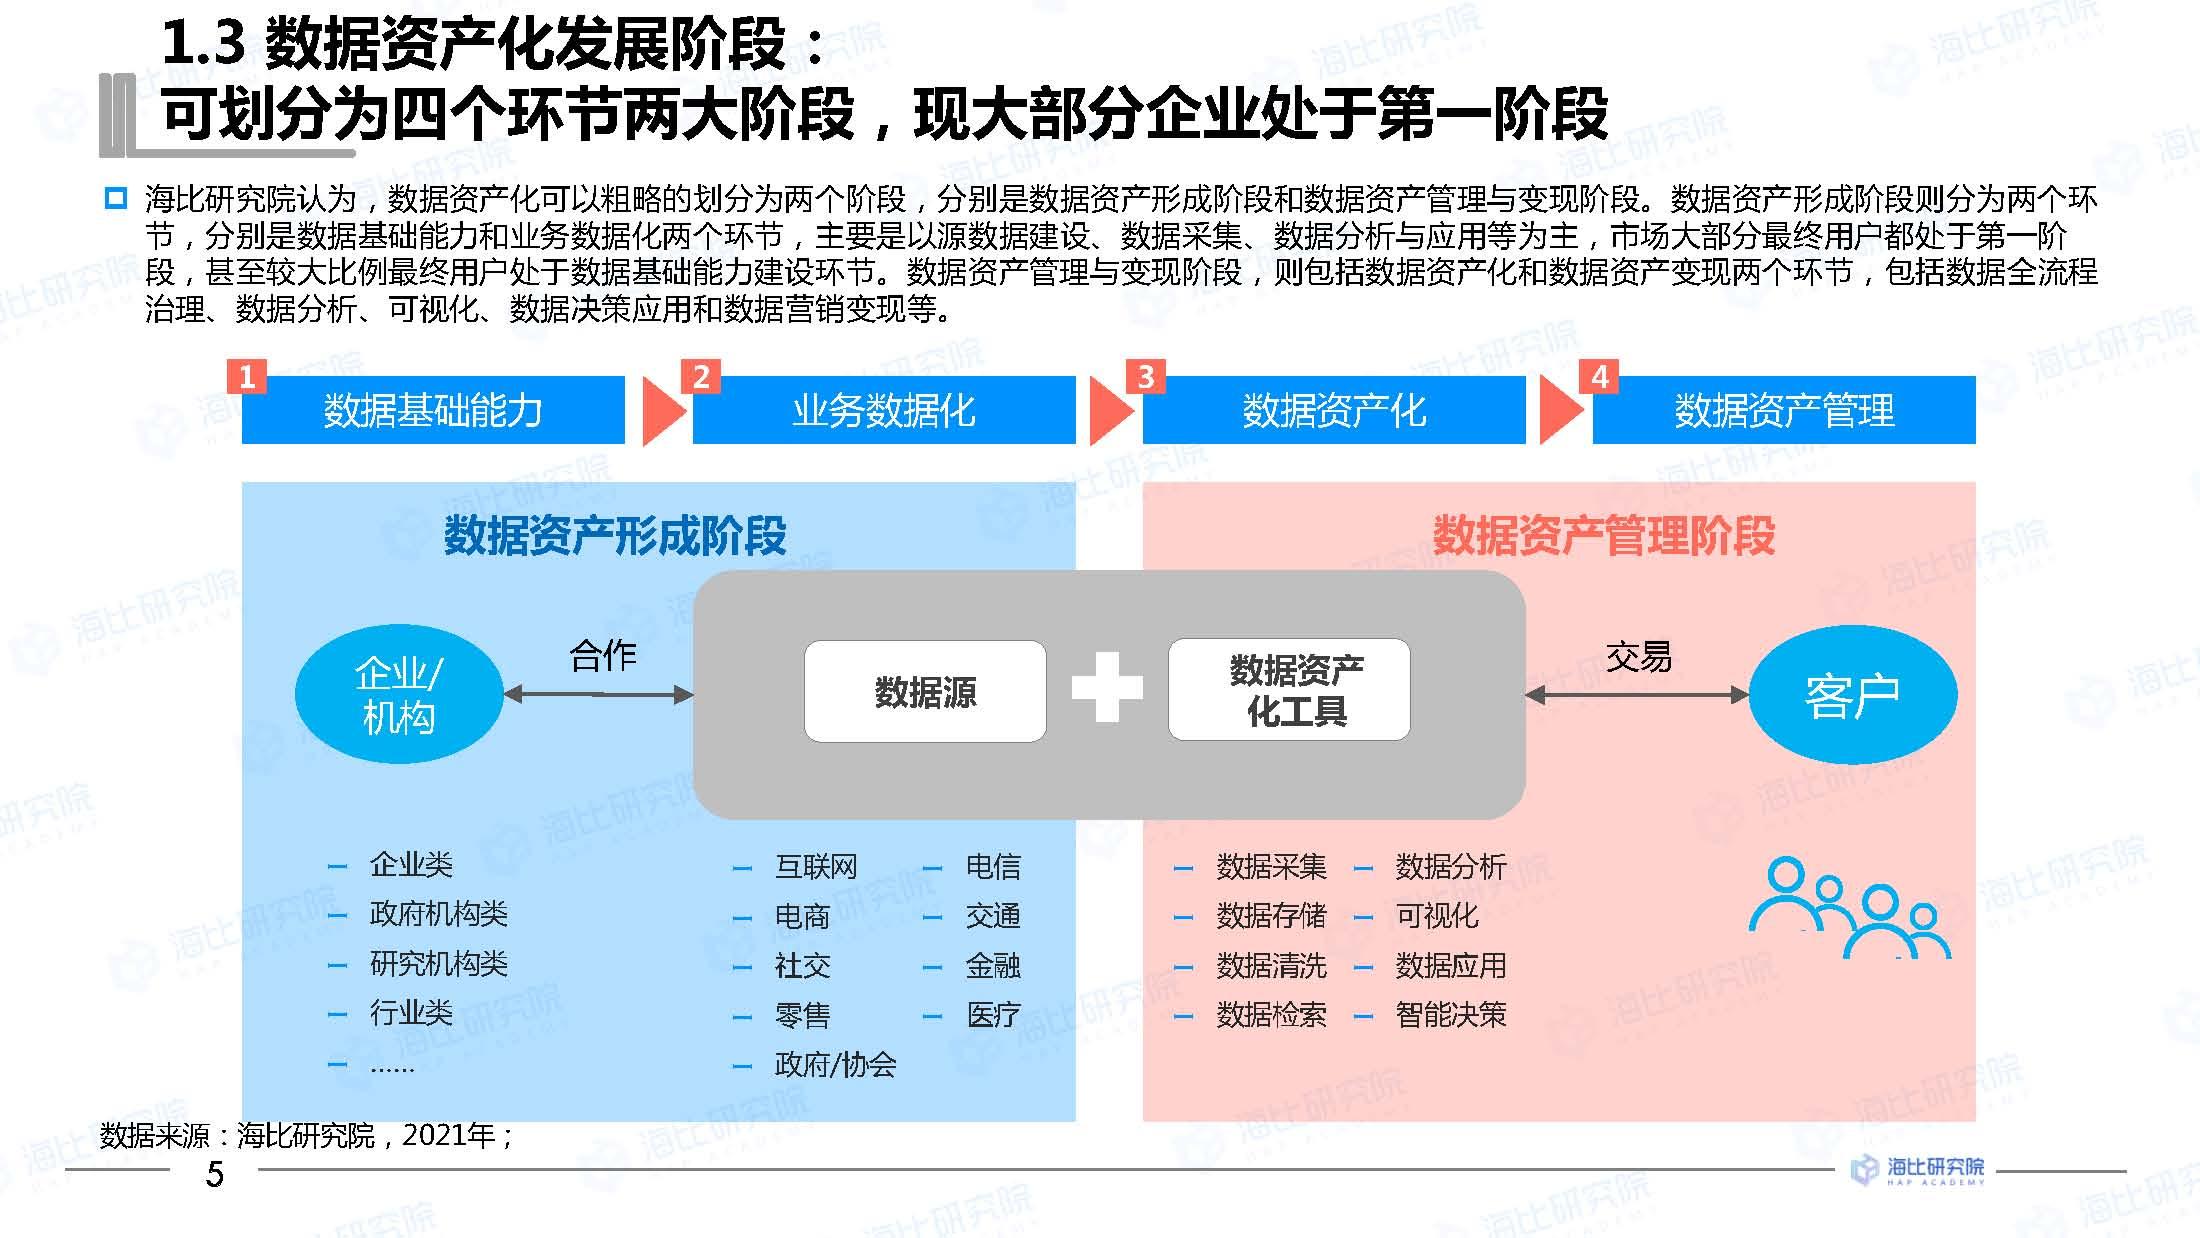 大数据研究报告,海比研究院-2021中国数据资产化工具市场研究报告!